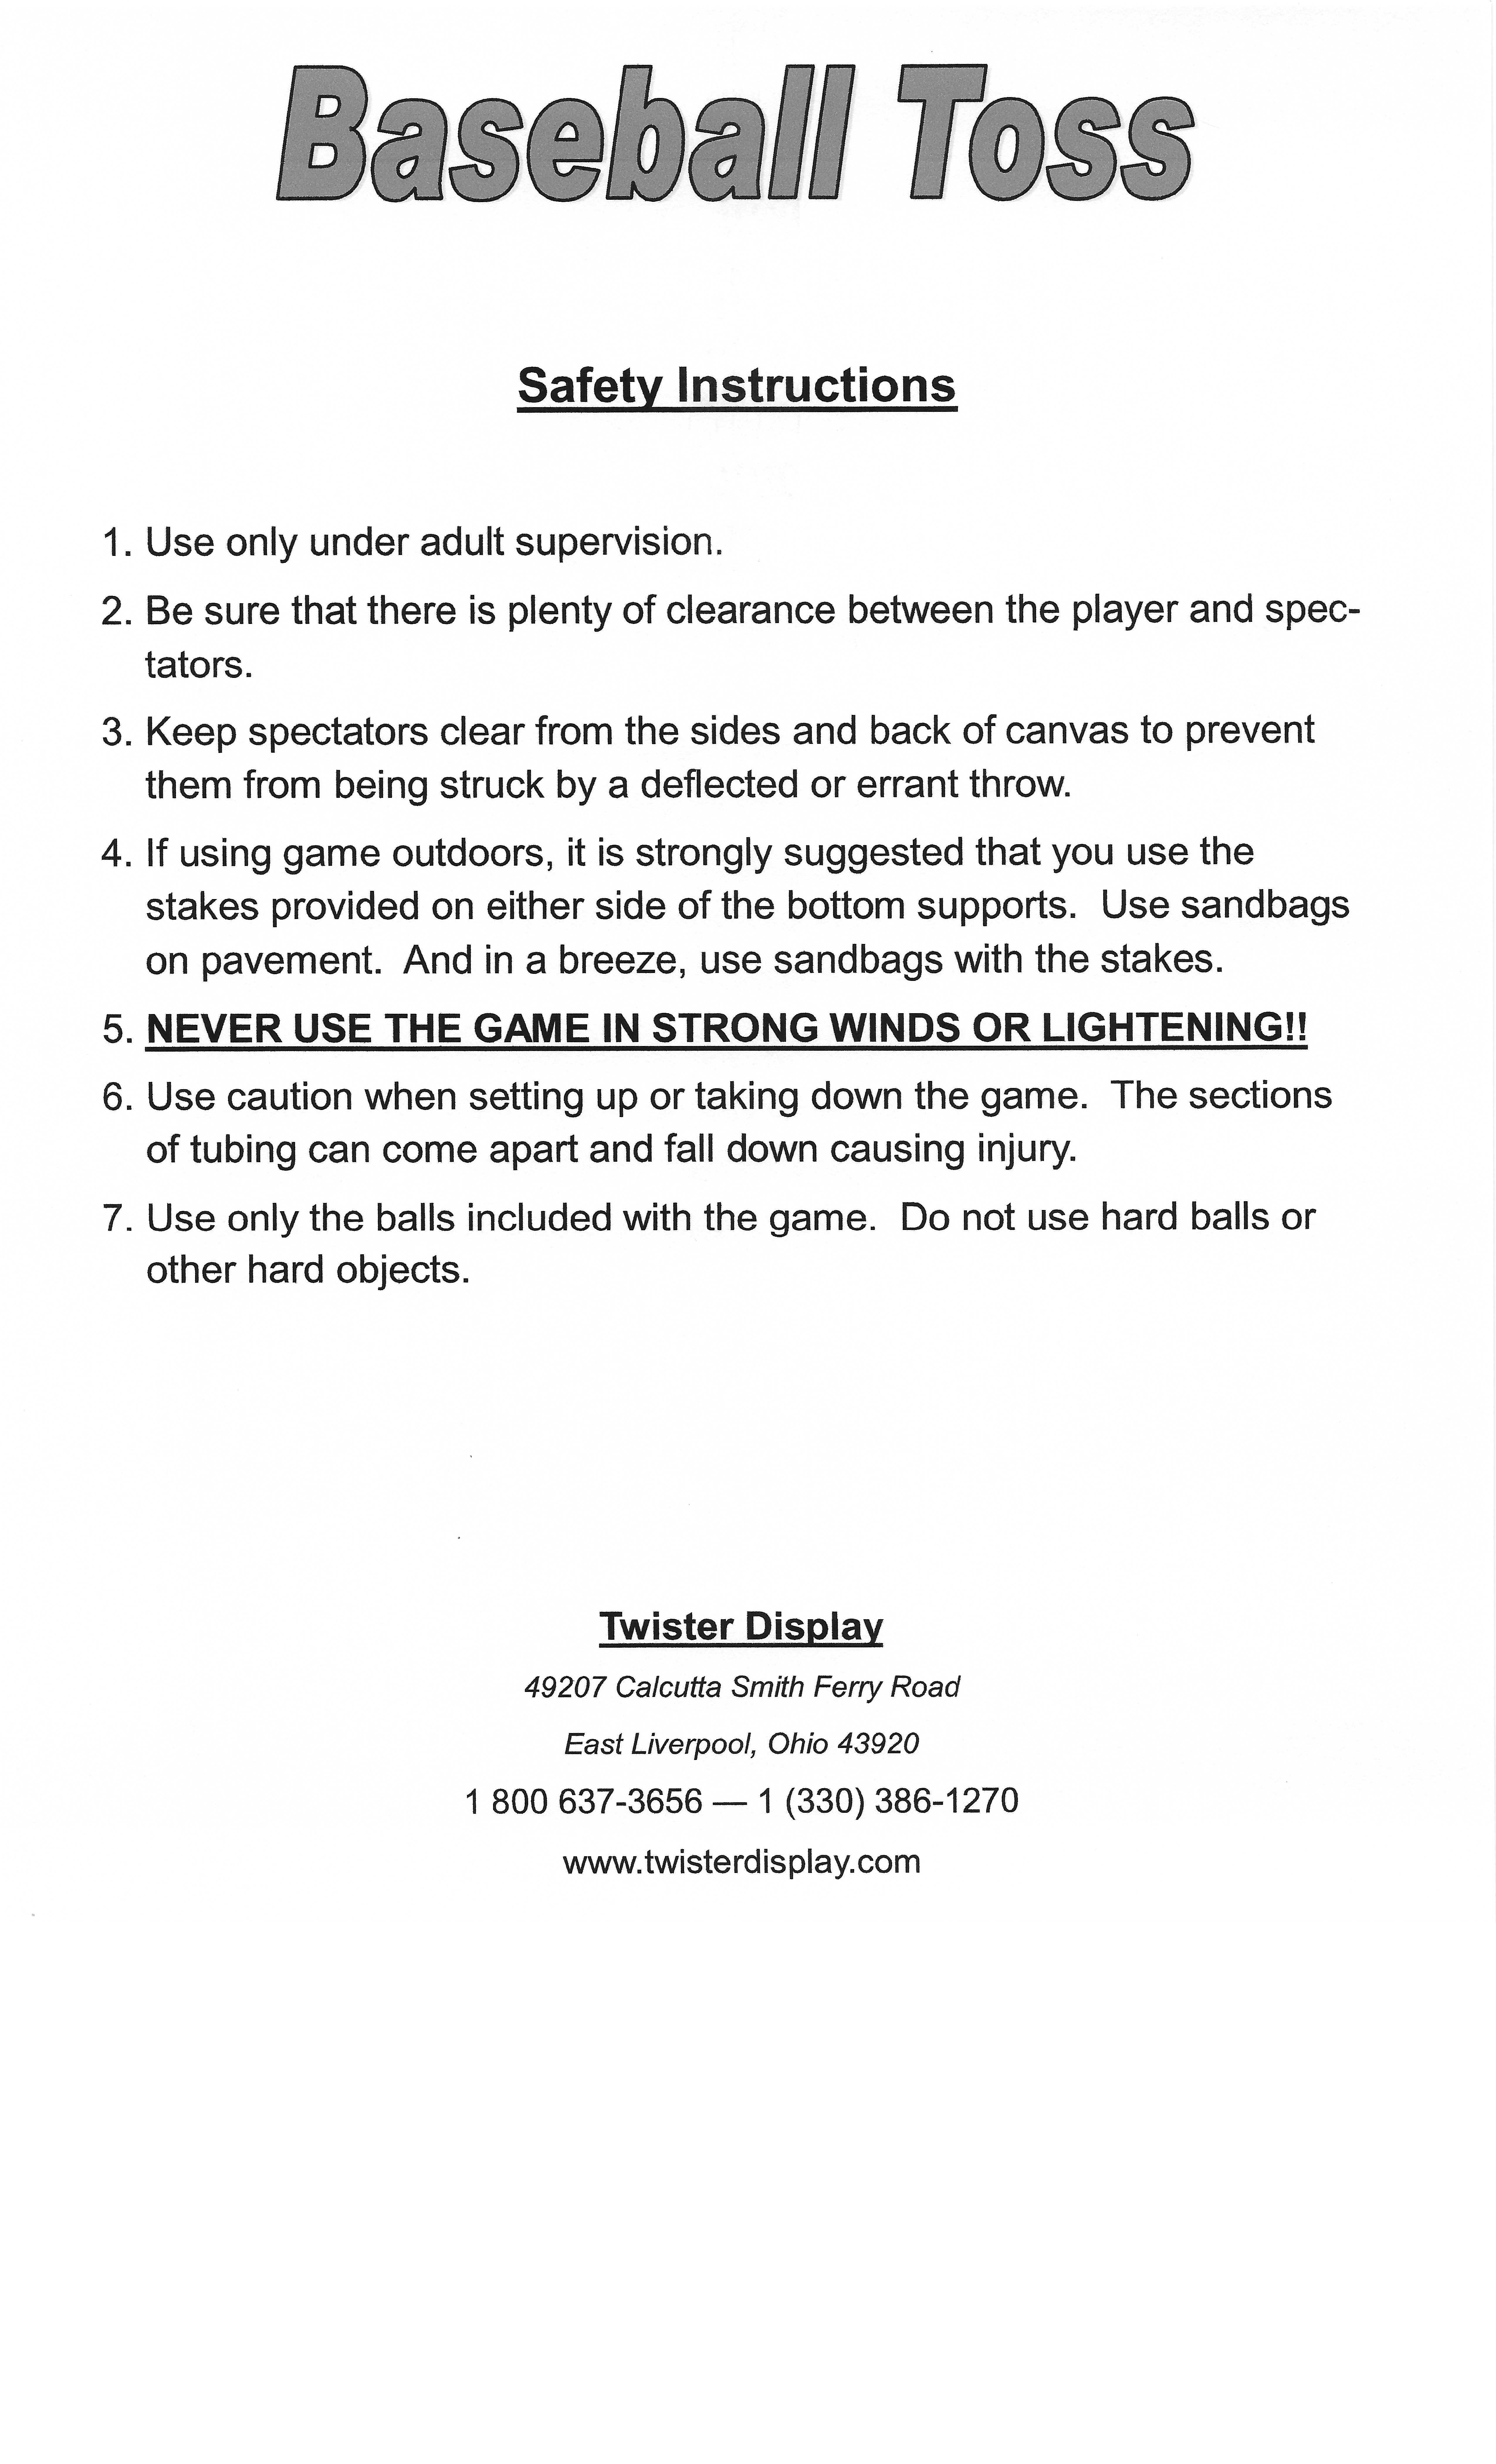 baseball-toss-frame-game-instructions0004.jpg